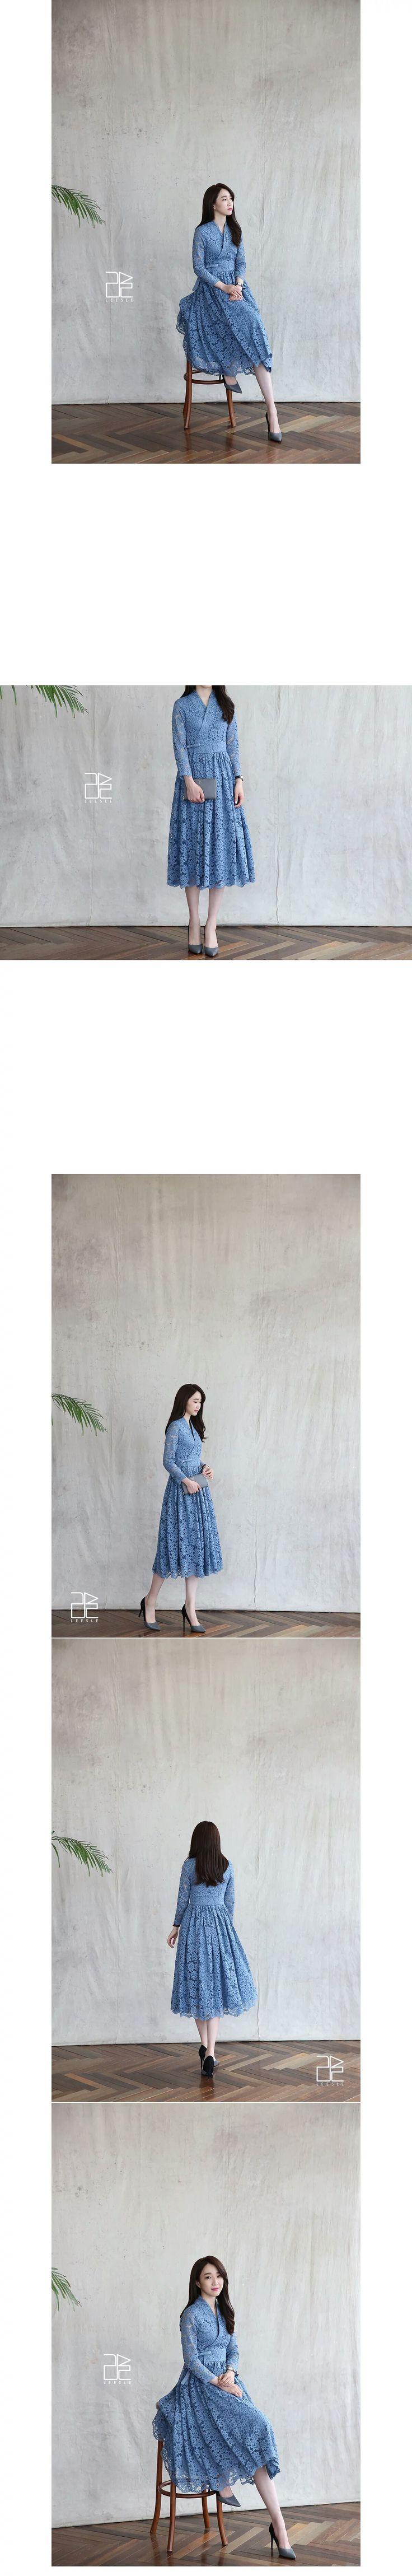 271 best Hanbok images on Pinterest | Koreanisches kleid, Kultur und ...